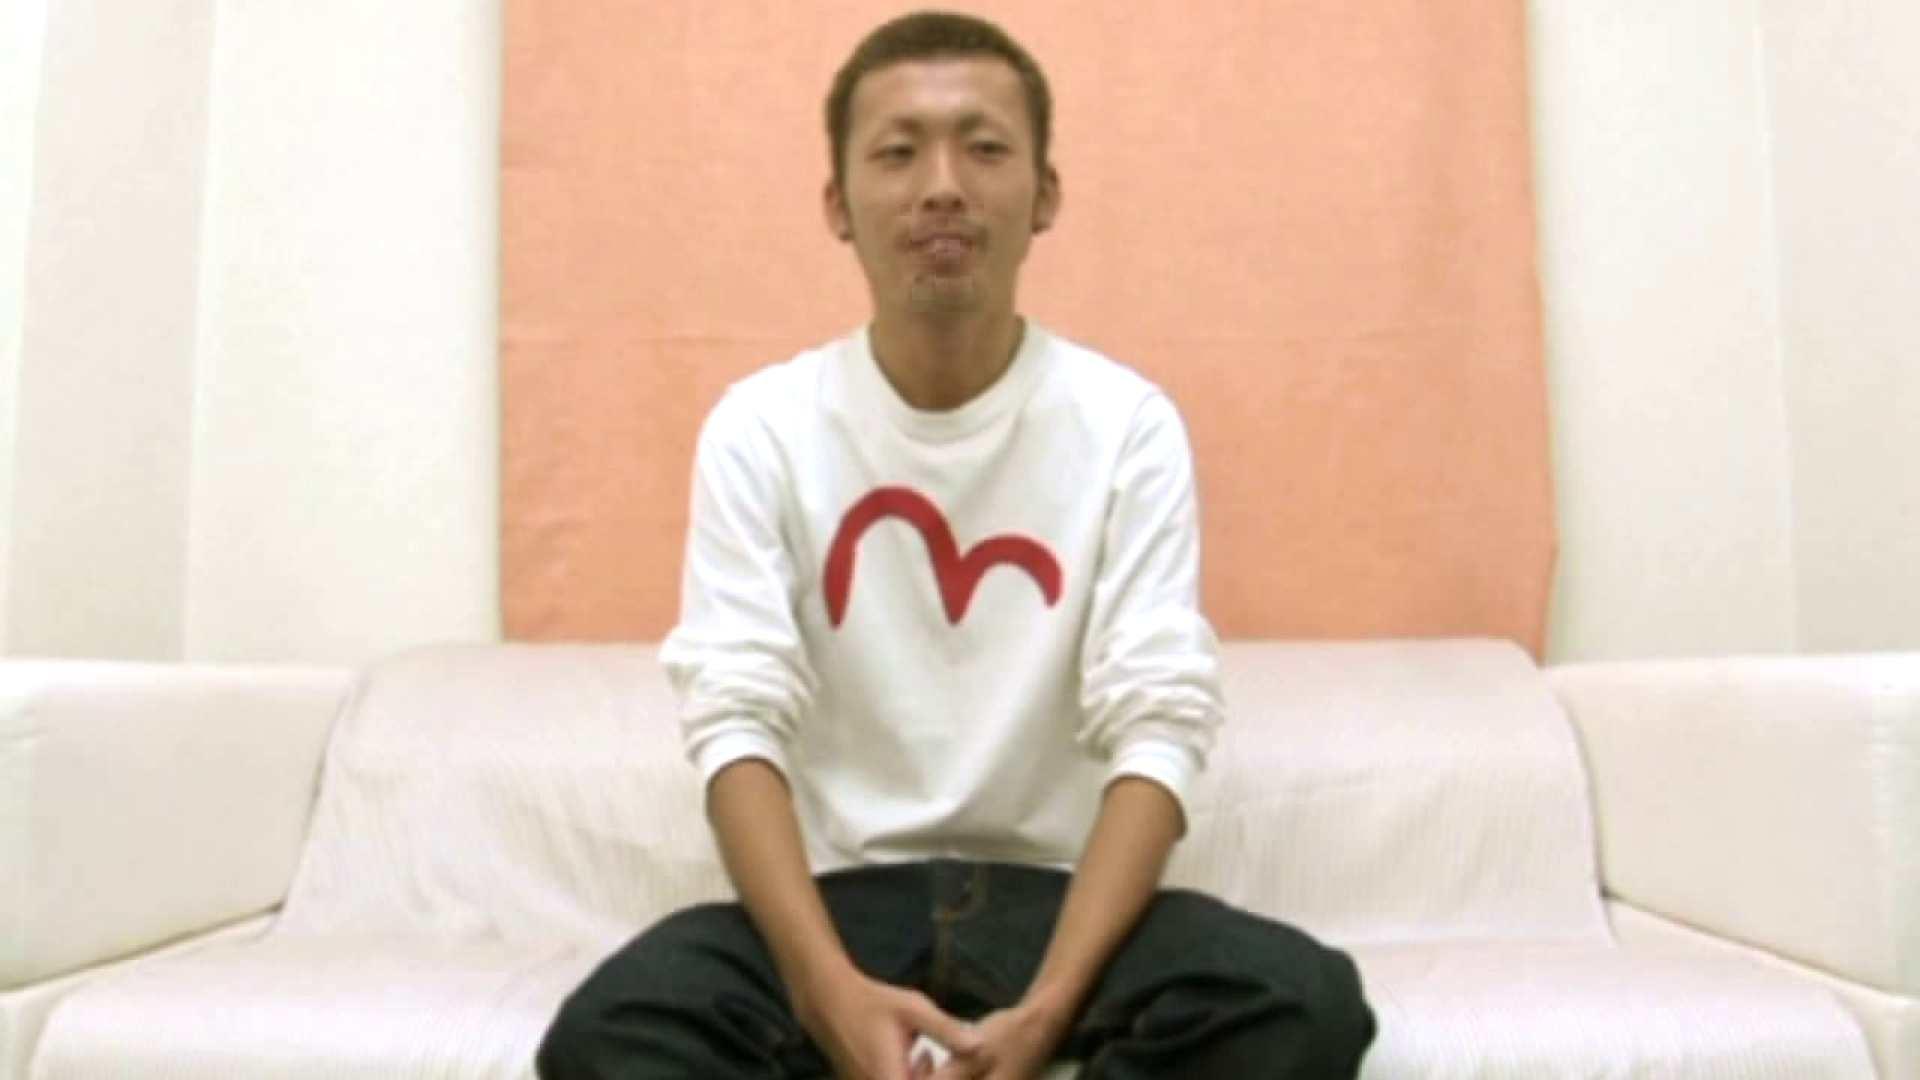 ノンケ!自慰スタジオ No.11 オナニー ゲイ無料エロ画像 78pic 26